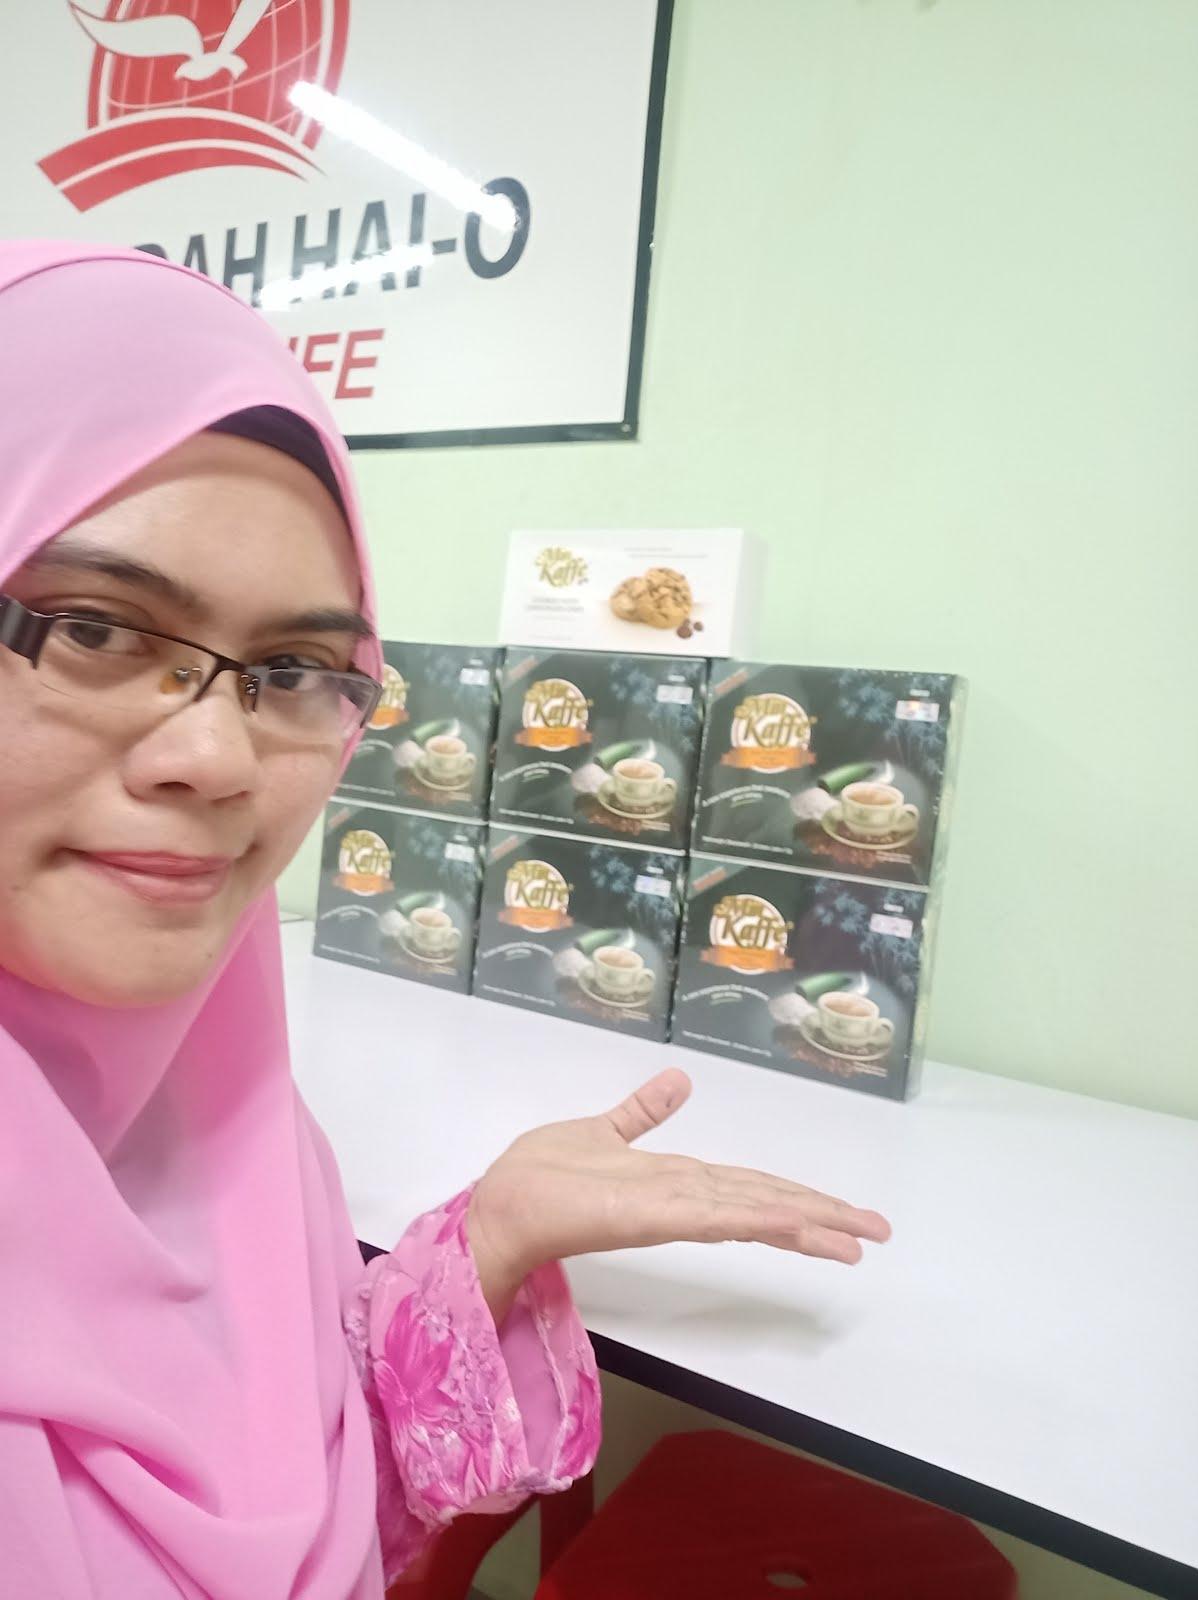 MIn Kaffe Promosi Beli 6 kotak Free Cookies Min Kaffe